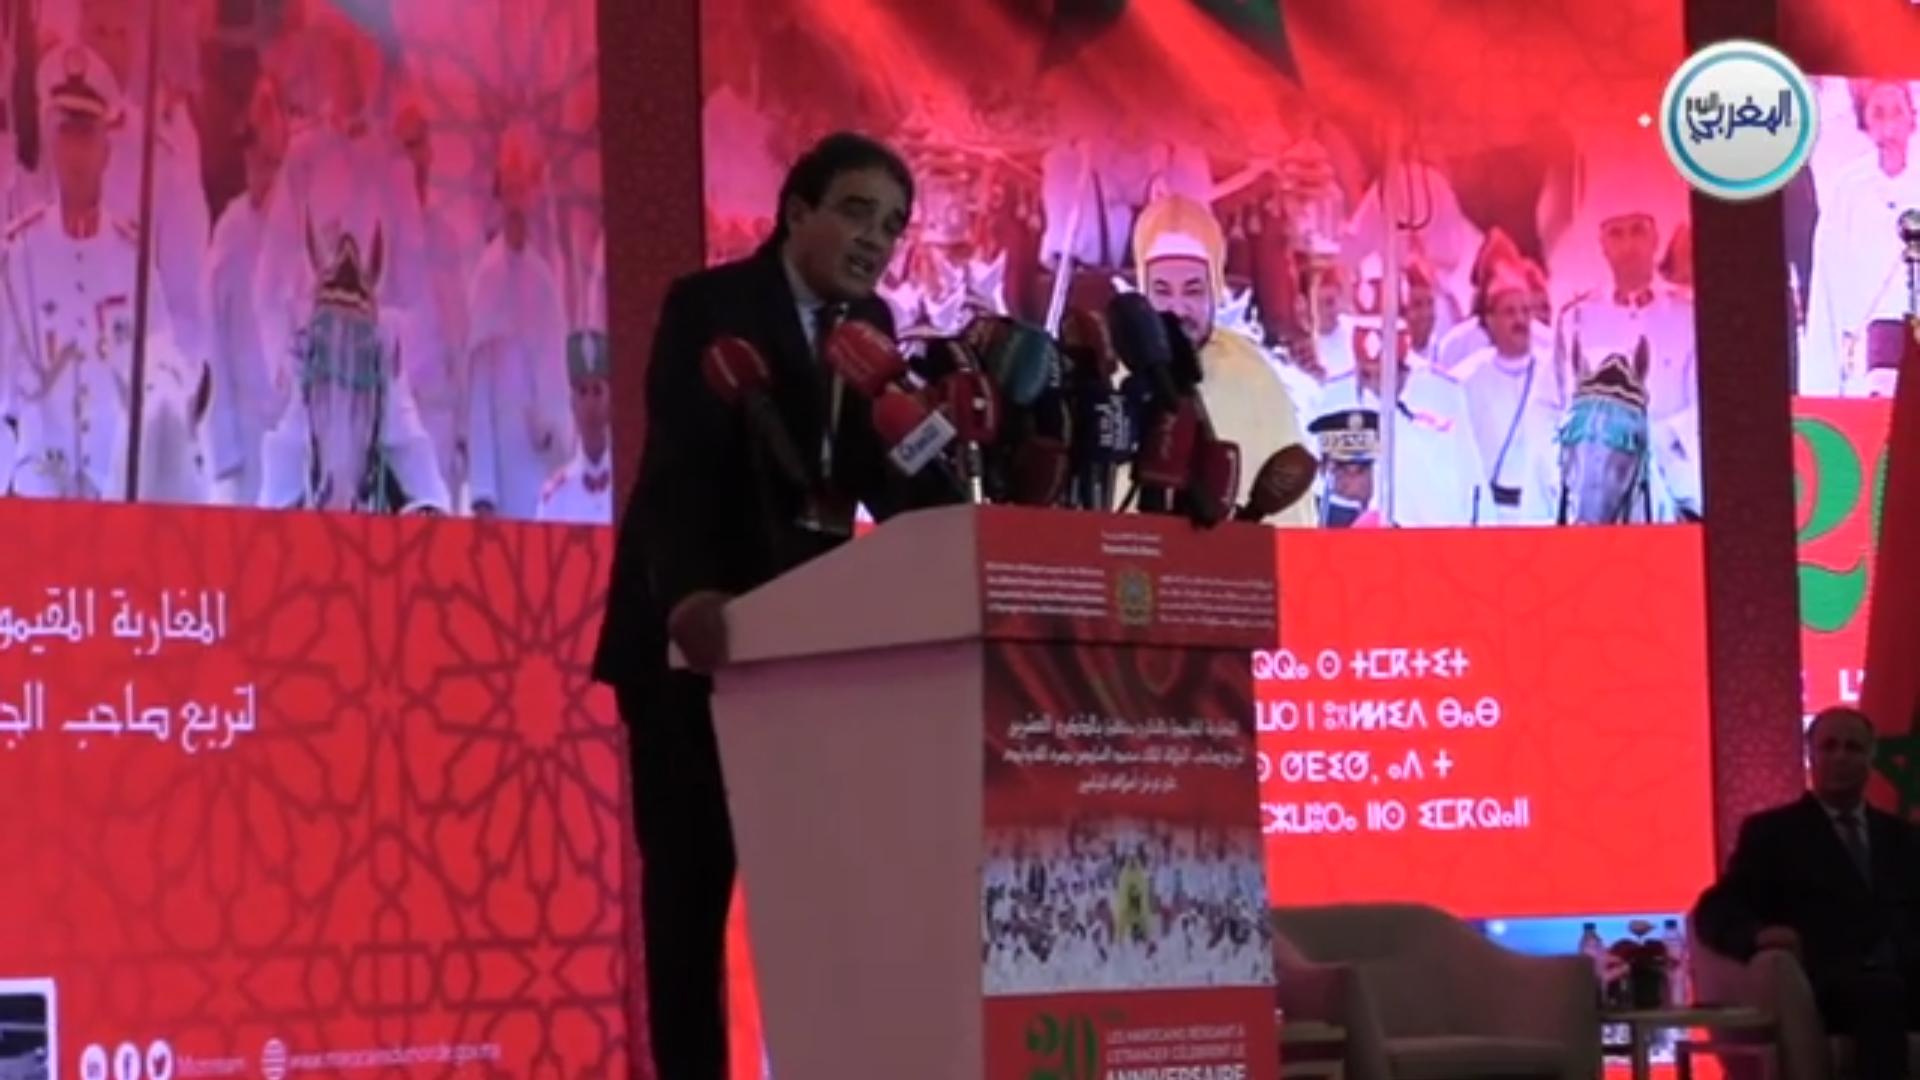 الوزير بنعتيق يستضيف 120 شخصية من مغاربة العالم يمثلون 65 دولة بالمعمور لإحياء الذكرى 20 من عيد العرش بطريقة استثنائية بالرباط + فيديو